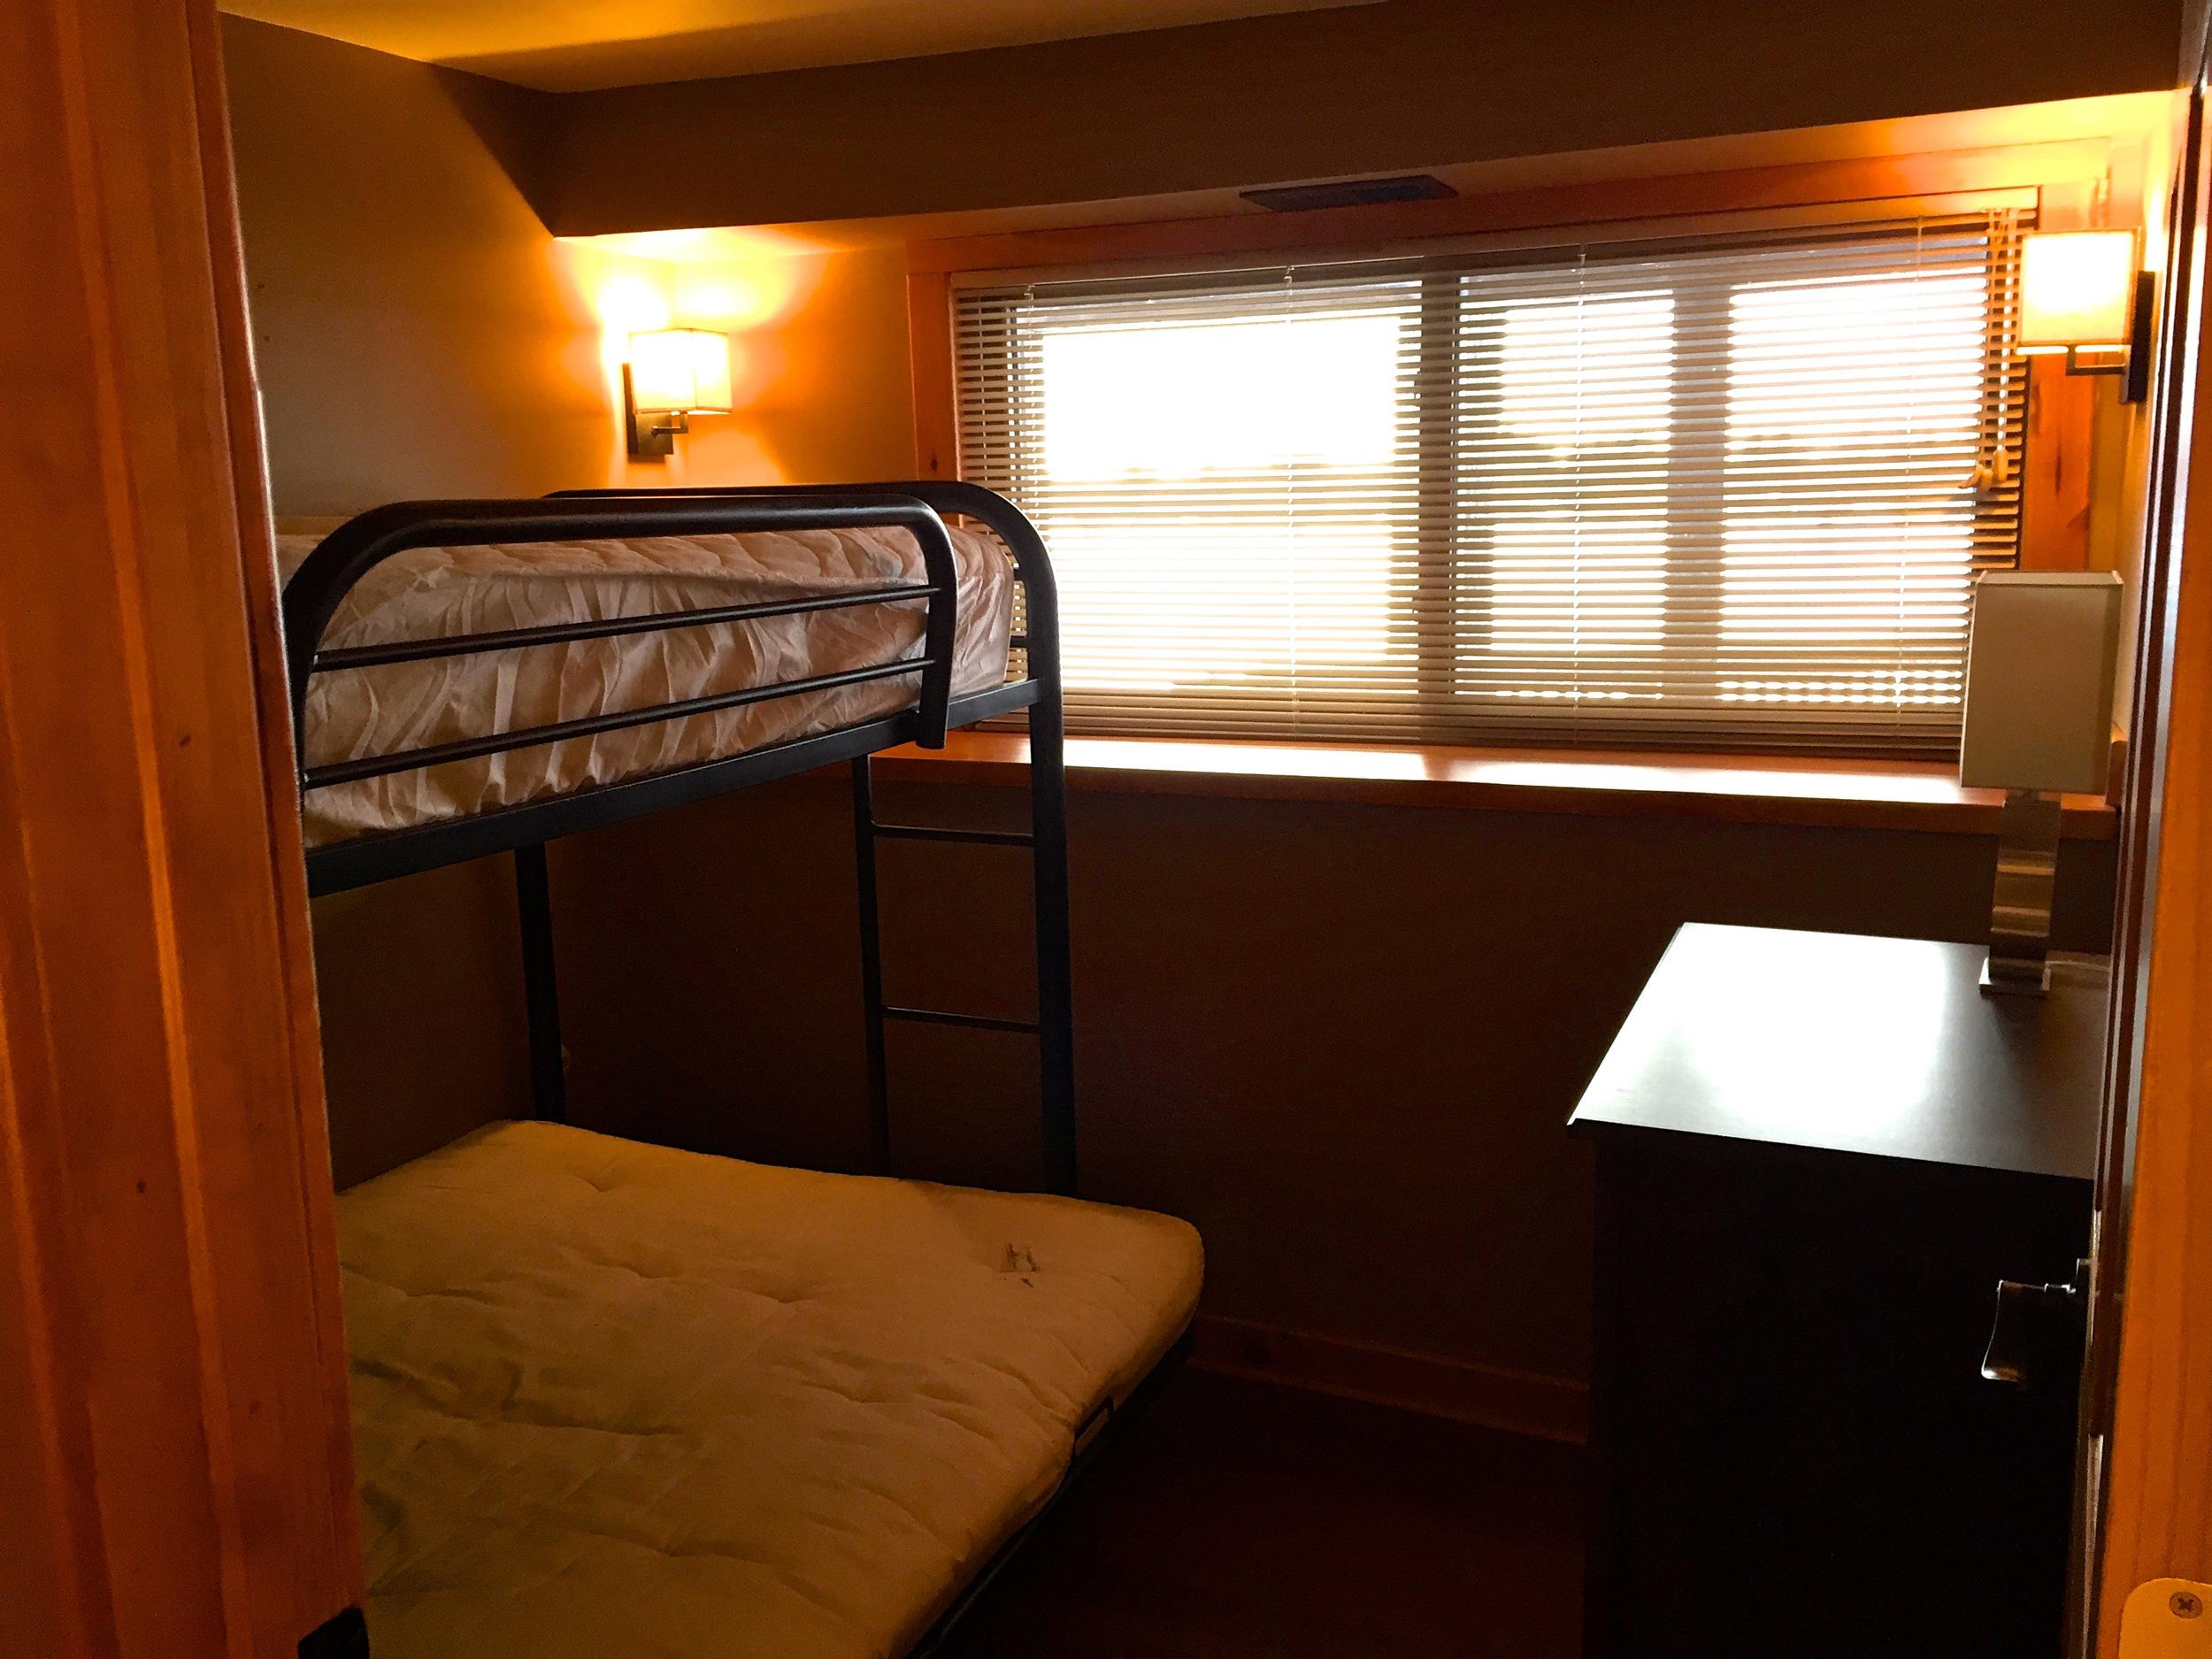 Smaller bedroom that sleeps 3.